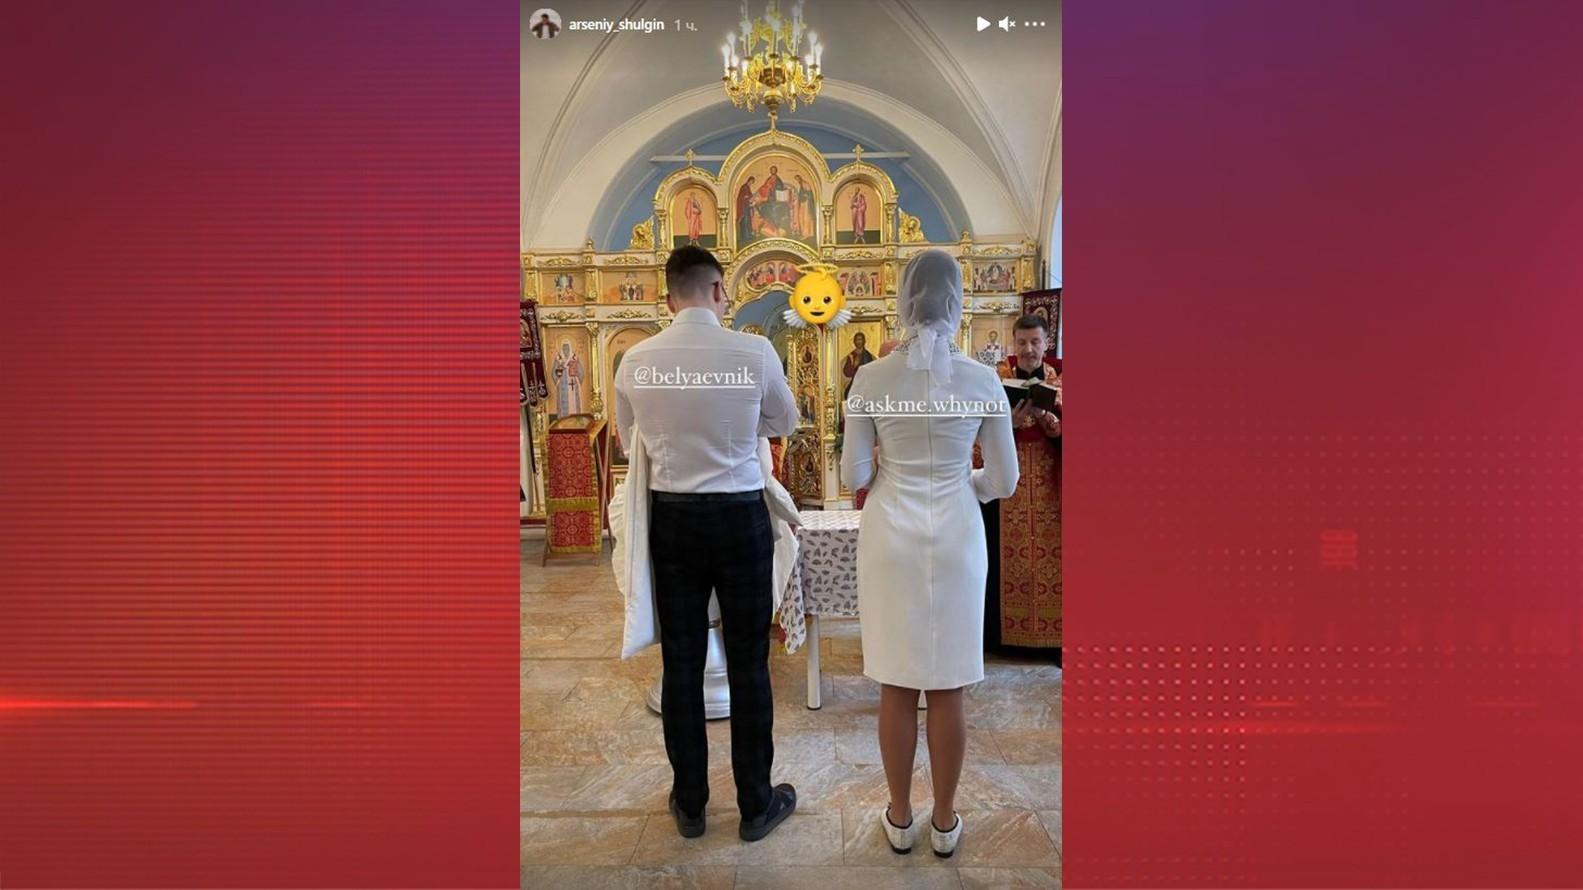 Скромно и тихо: сын и невестка Валерии крестили четырехмесячную дочь